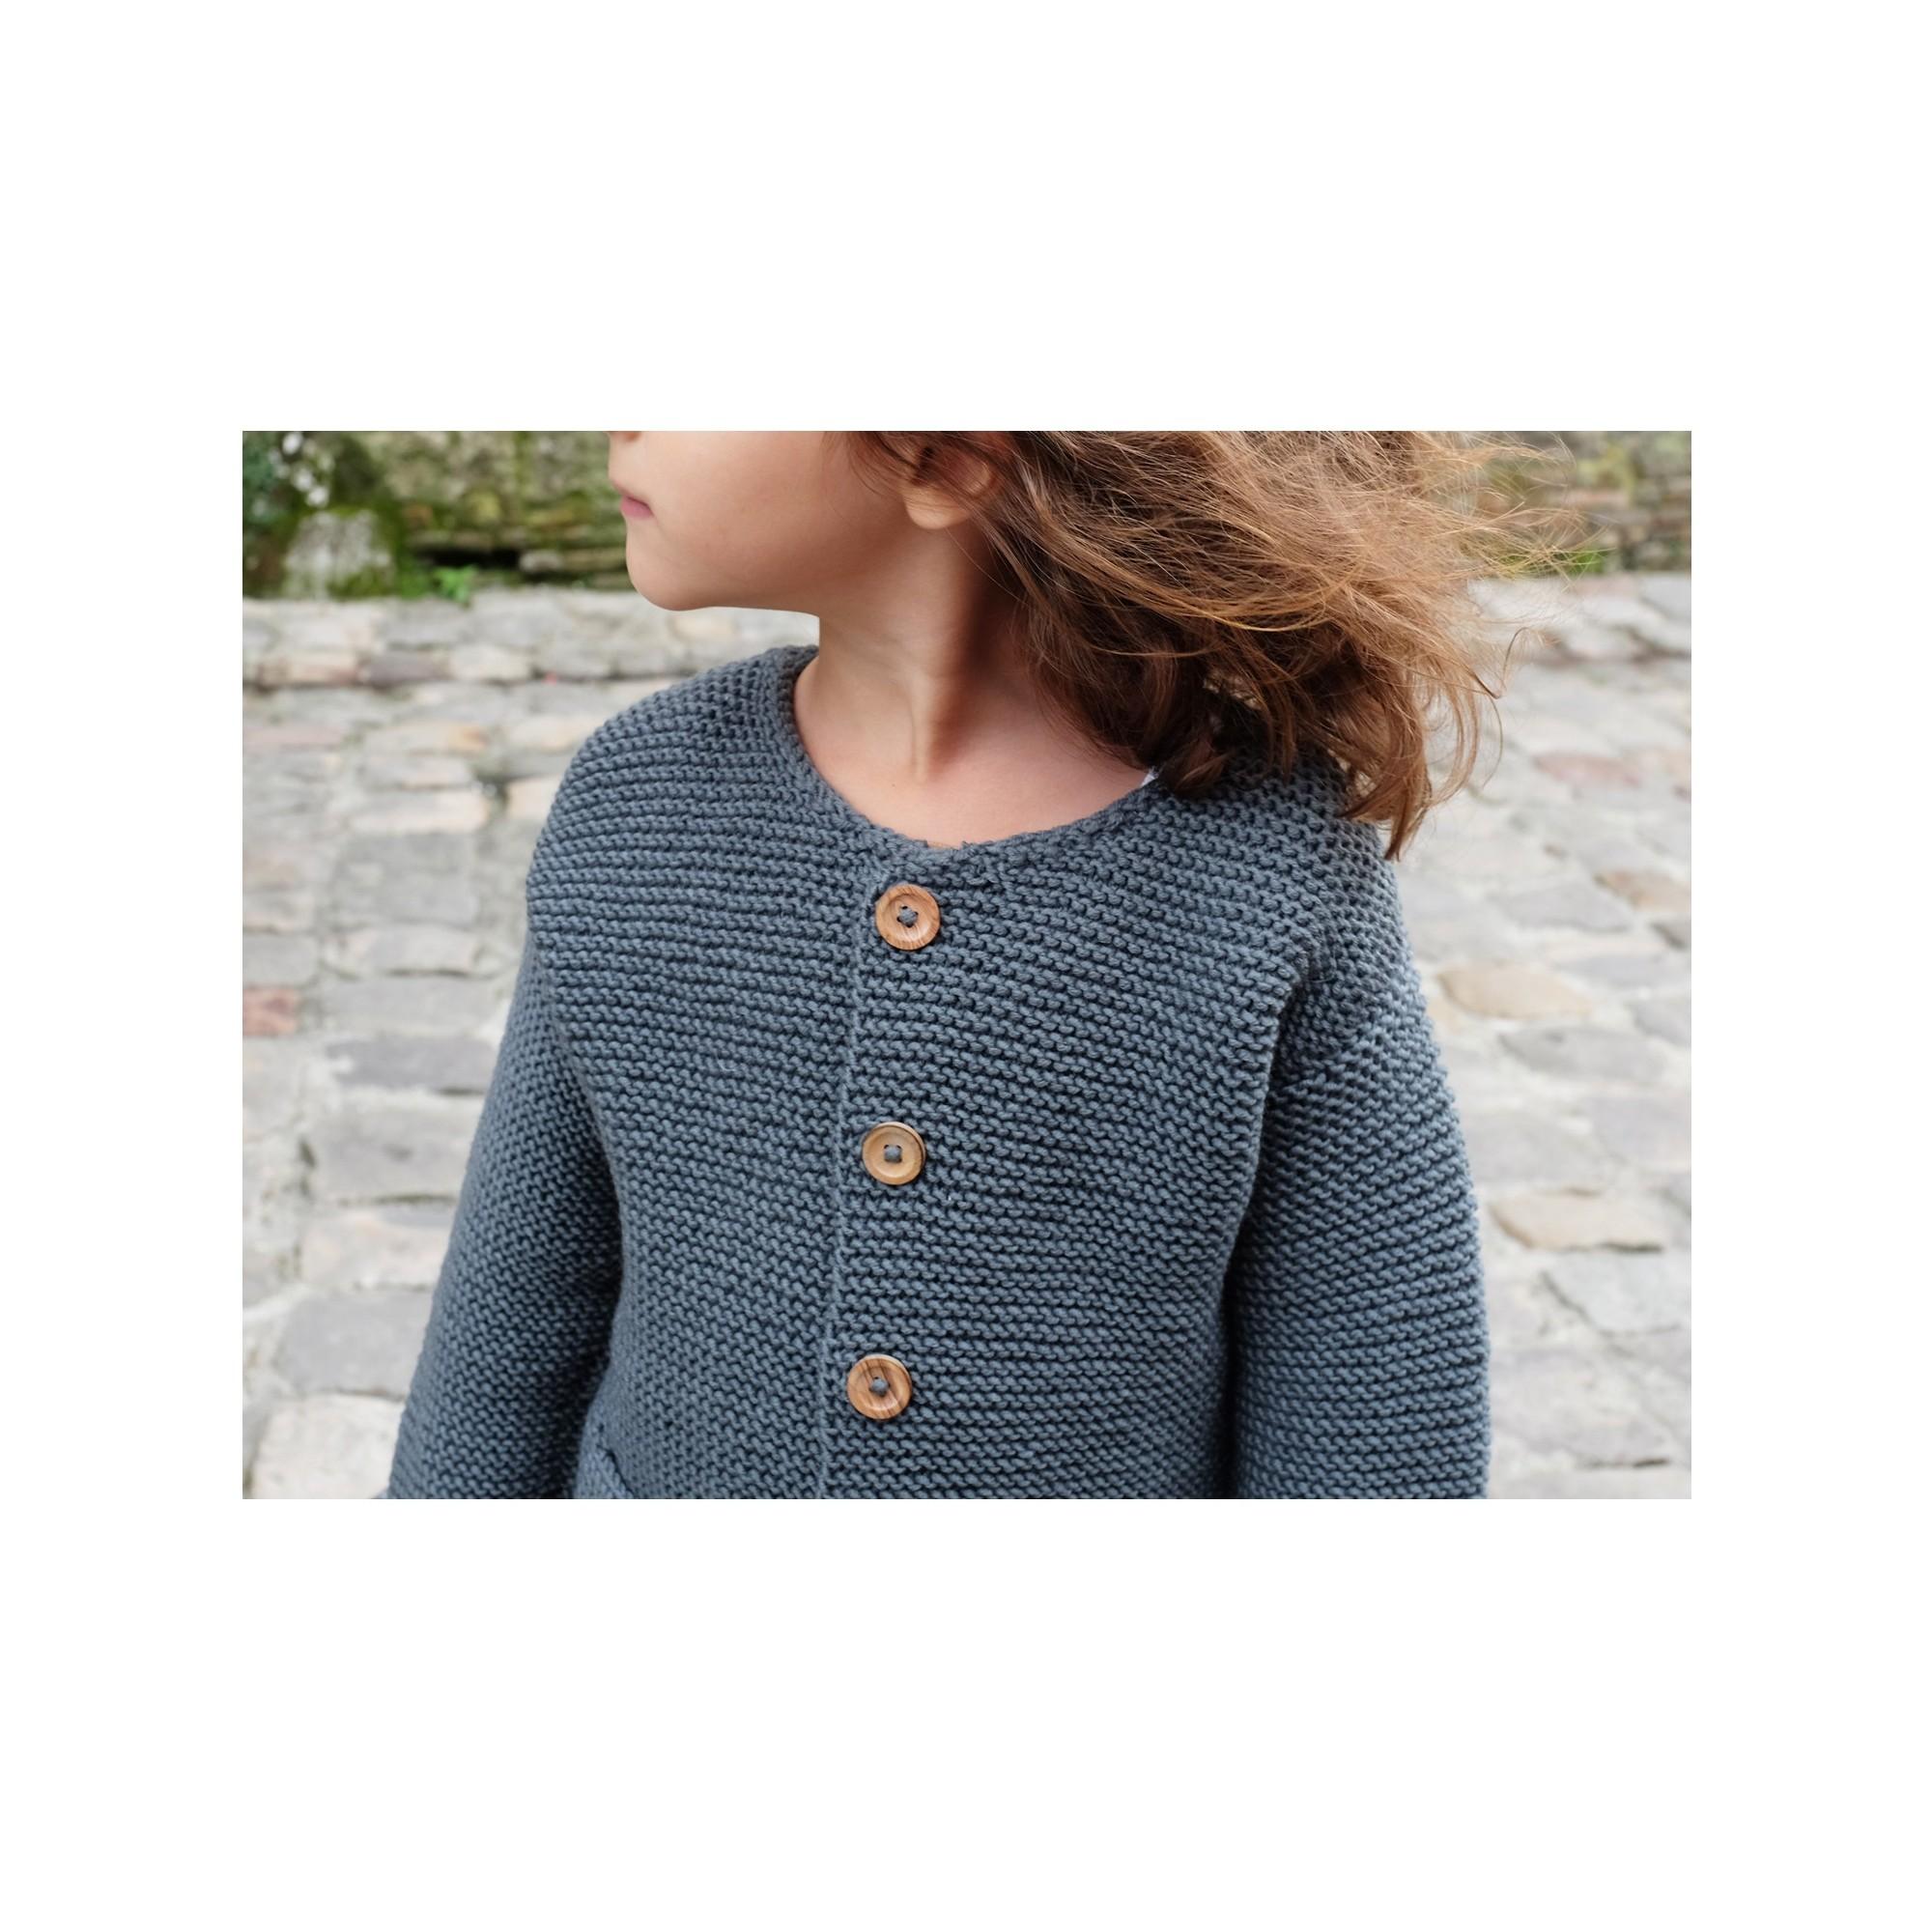 Gilet Simone pour bébé - coloris ardoise - porté